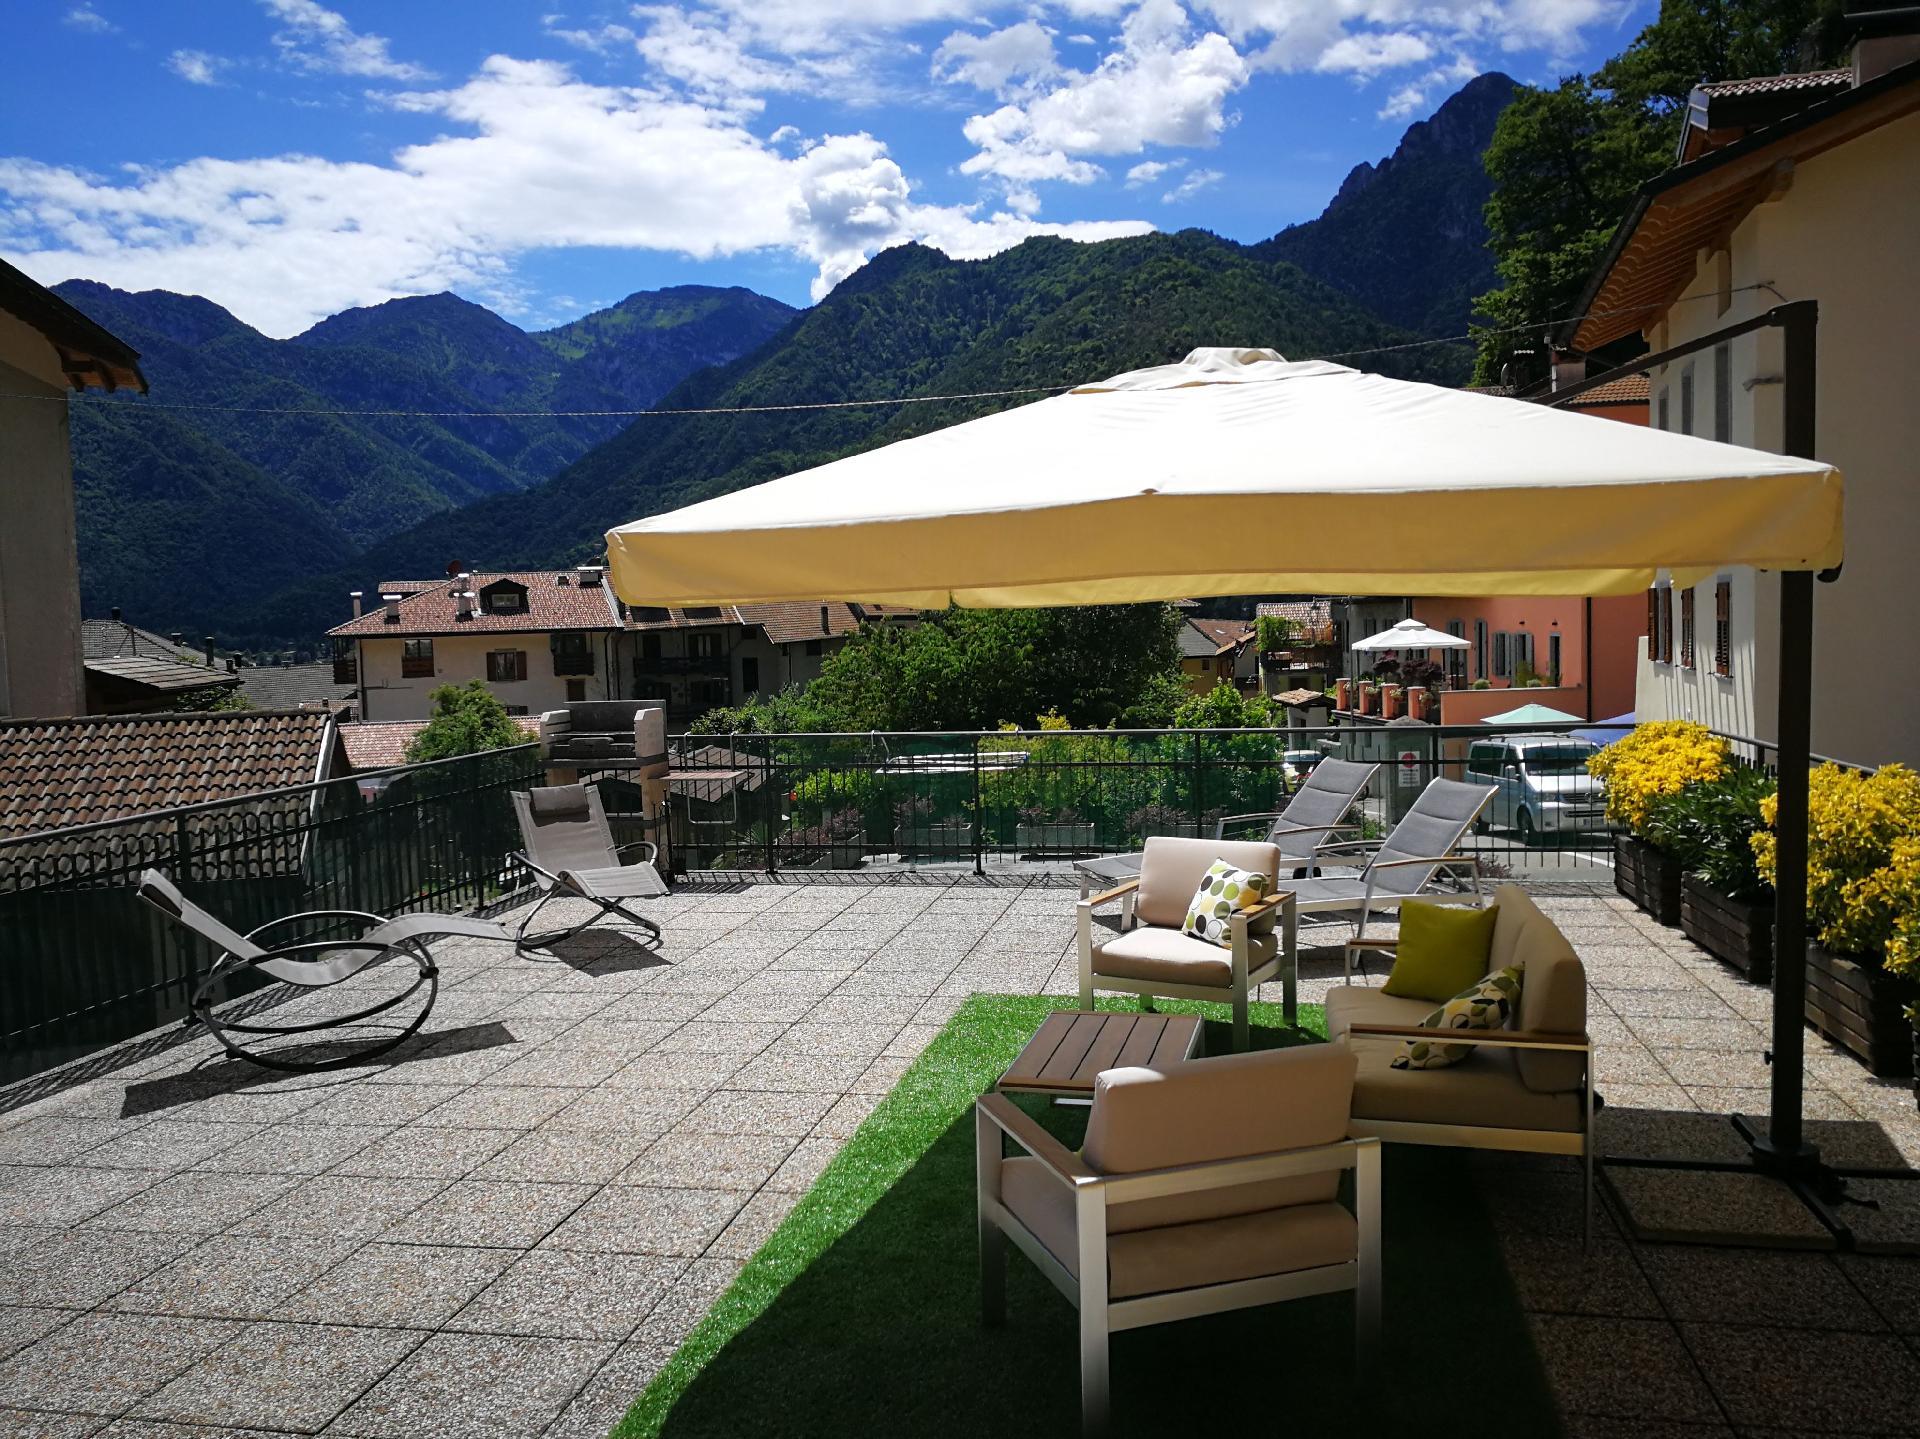 Ferienwohnung für 6 Personen ca. 75 m² i  in Italien